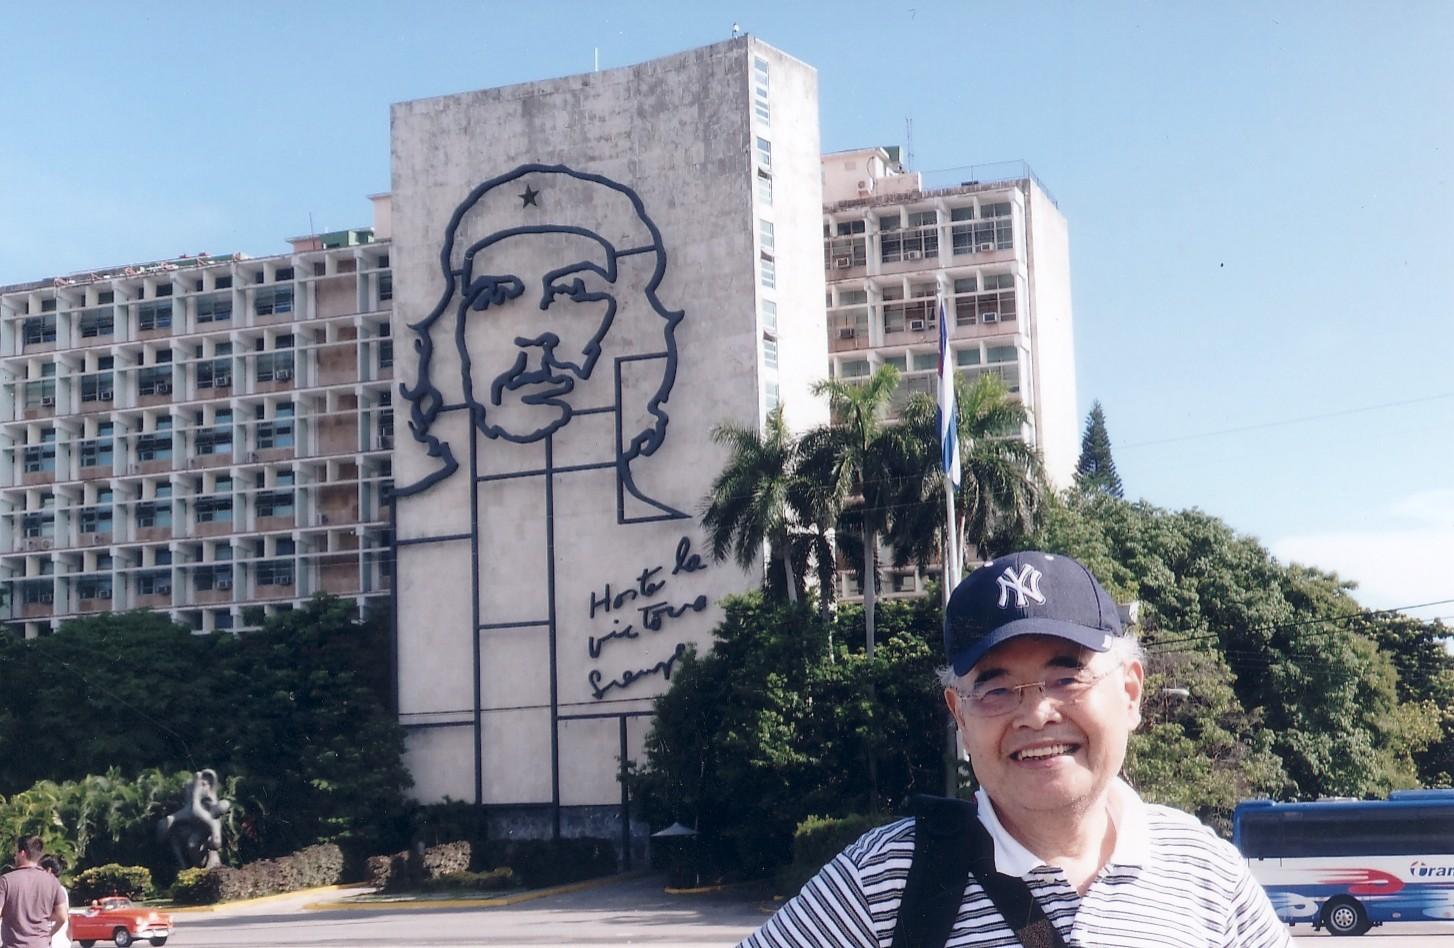 ハバナ市内革命広場のゲバラ・モザイク像 2016年8月